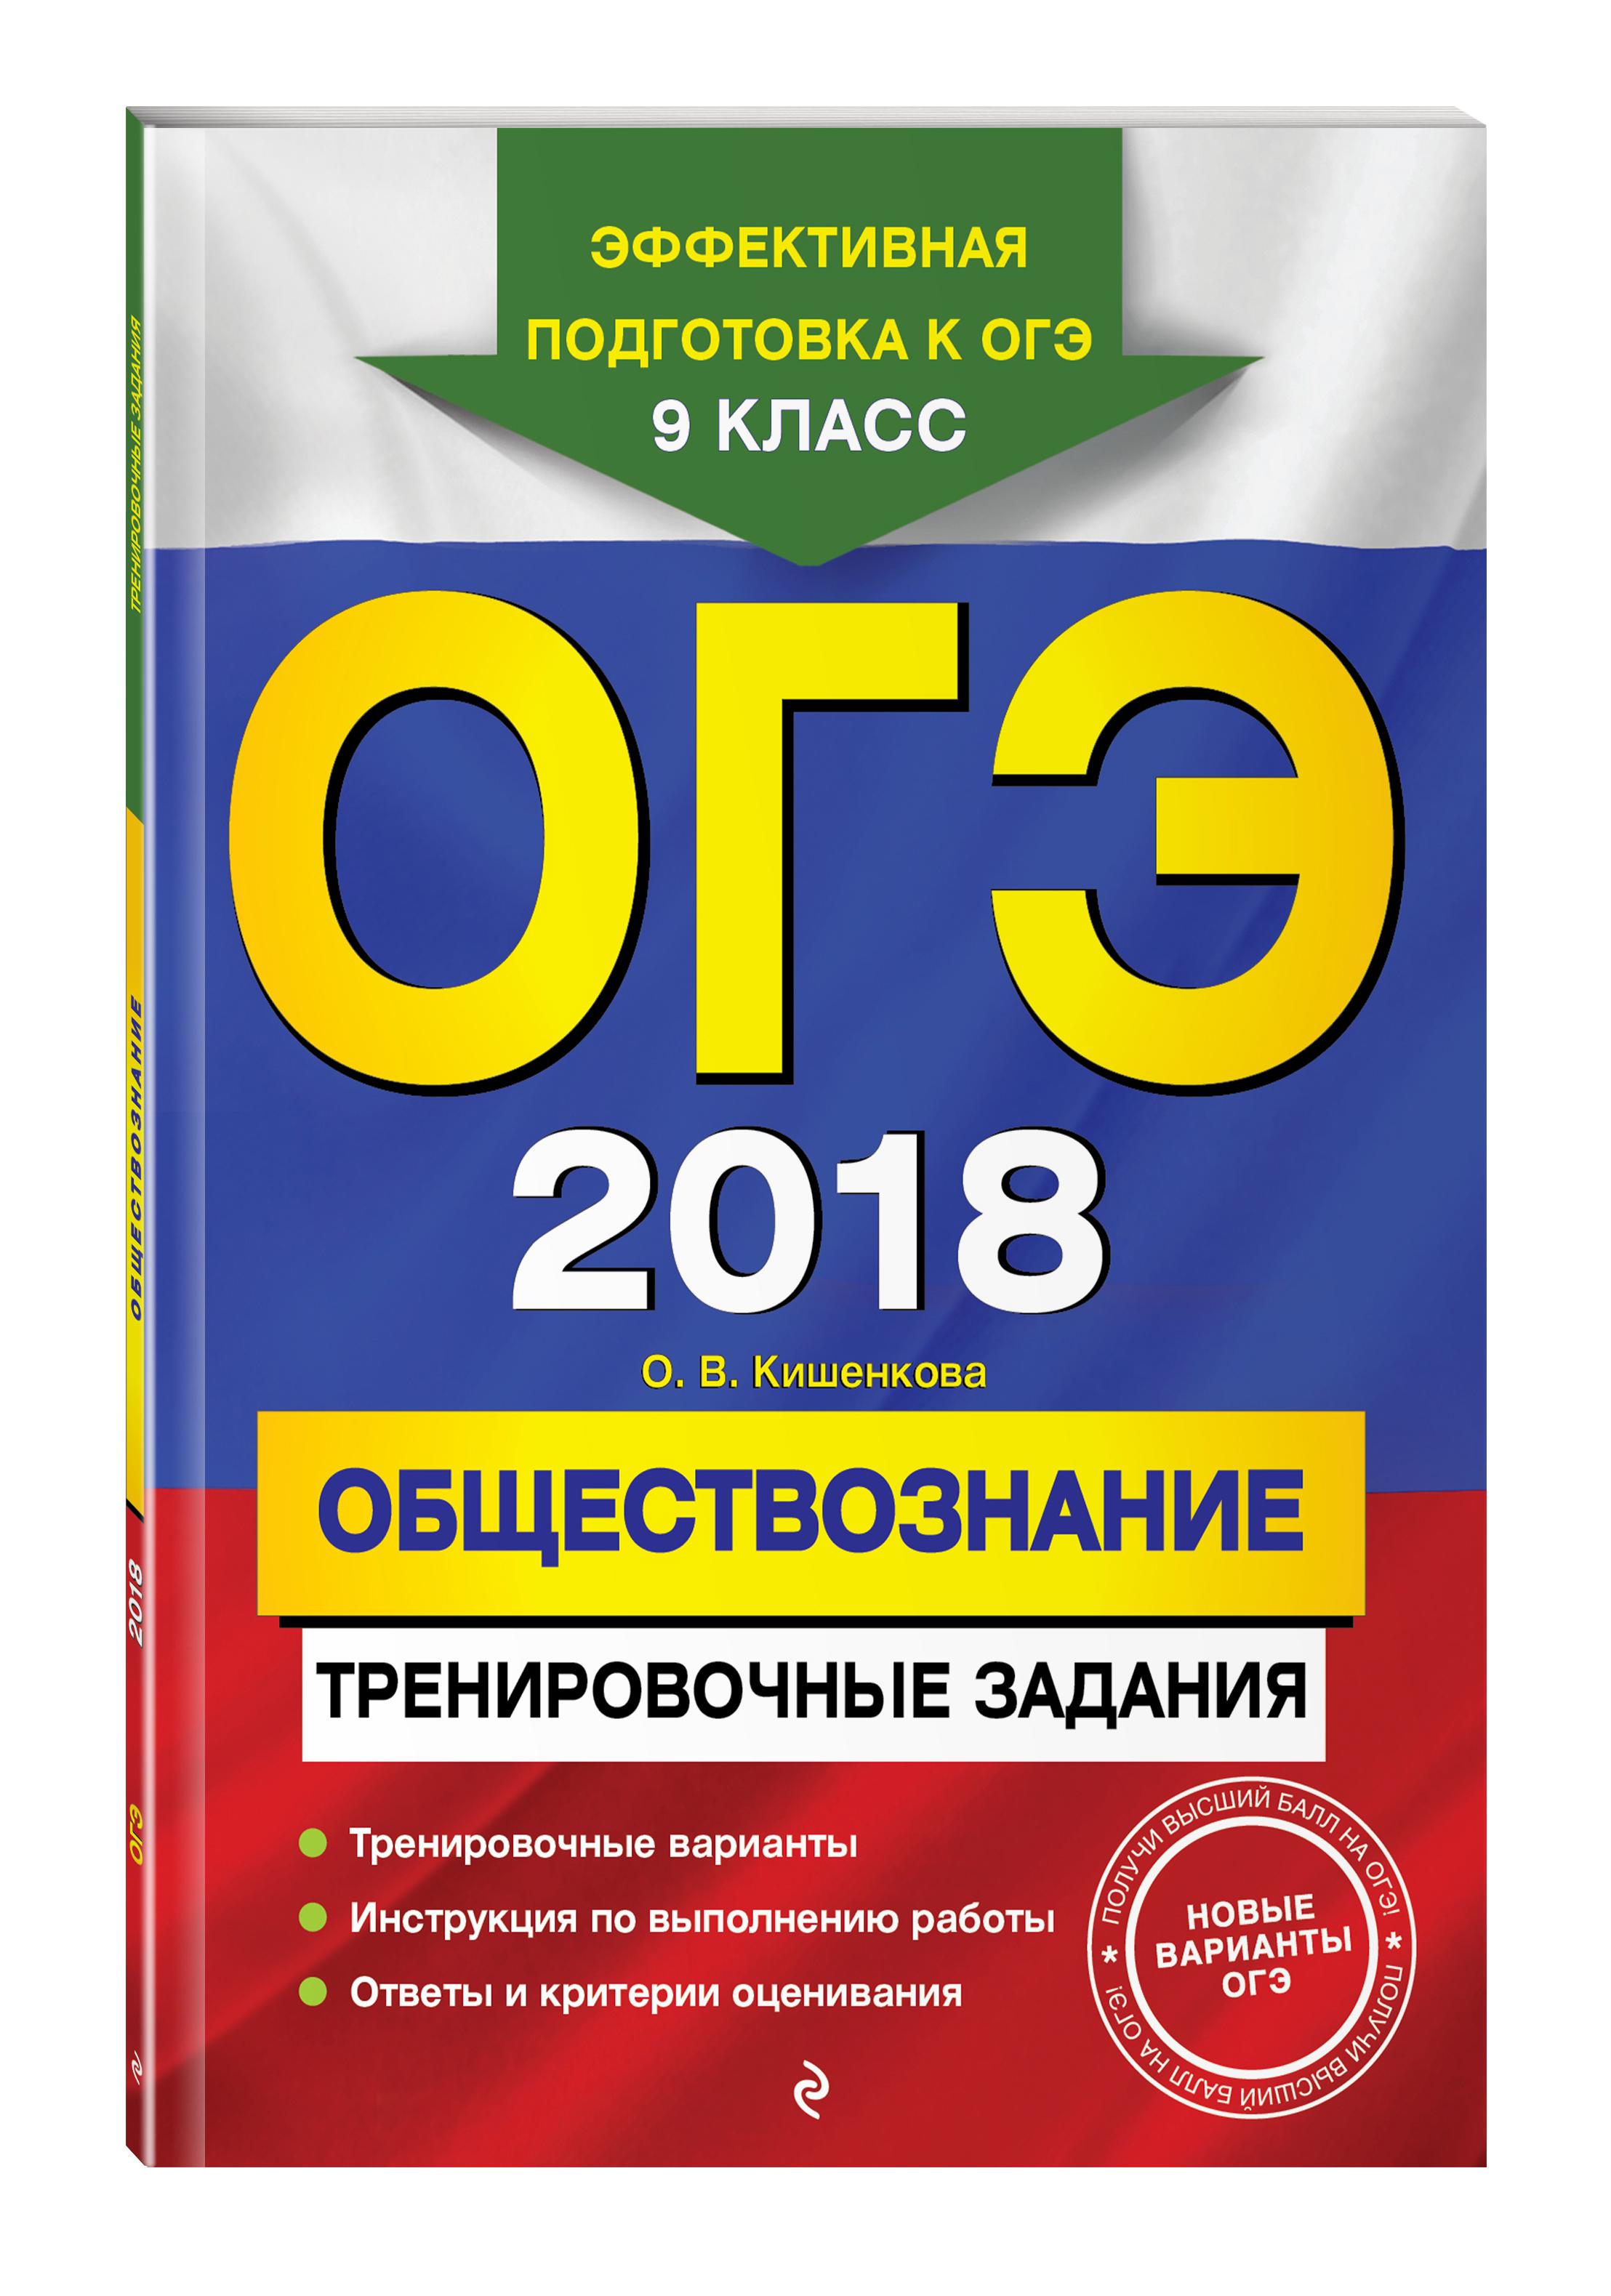 ОГЭ-2018. Обществознание: тренировочные задания ( Кишенкова О.В.  )